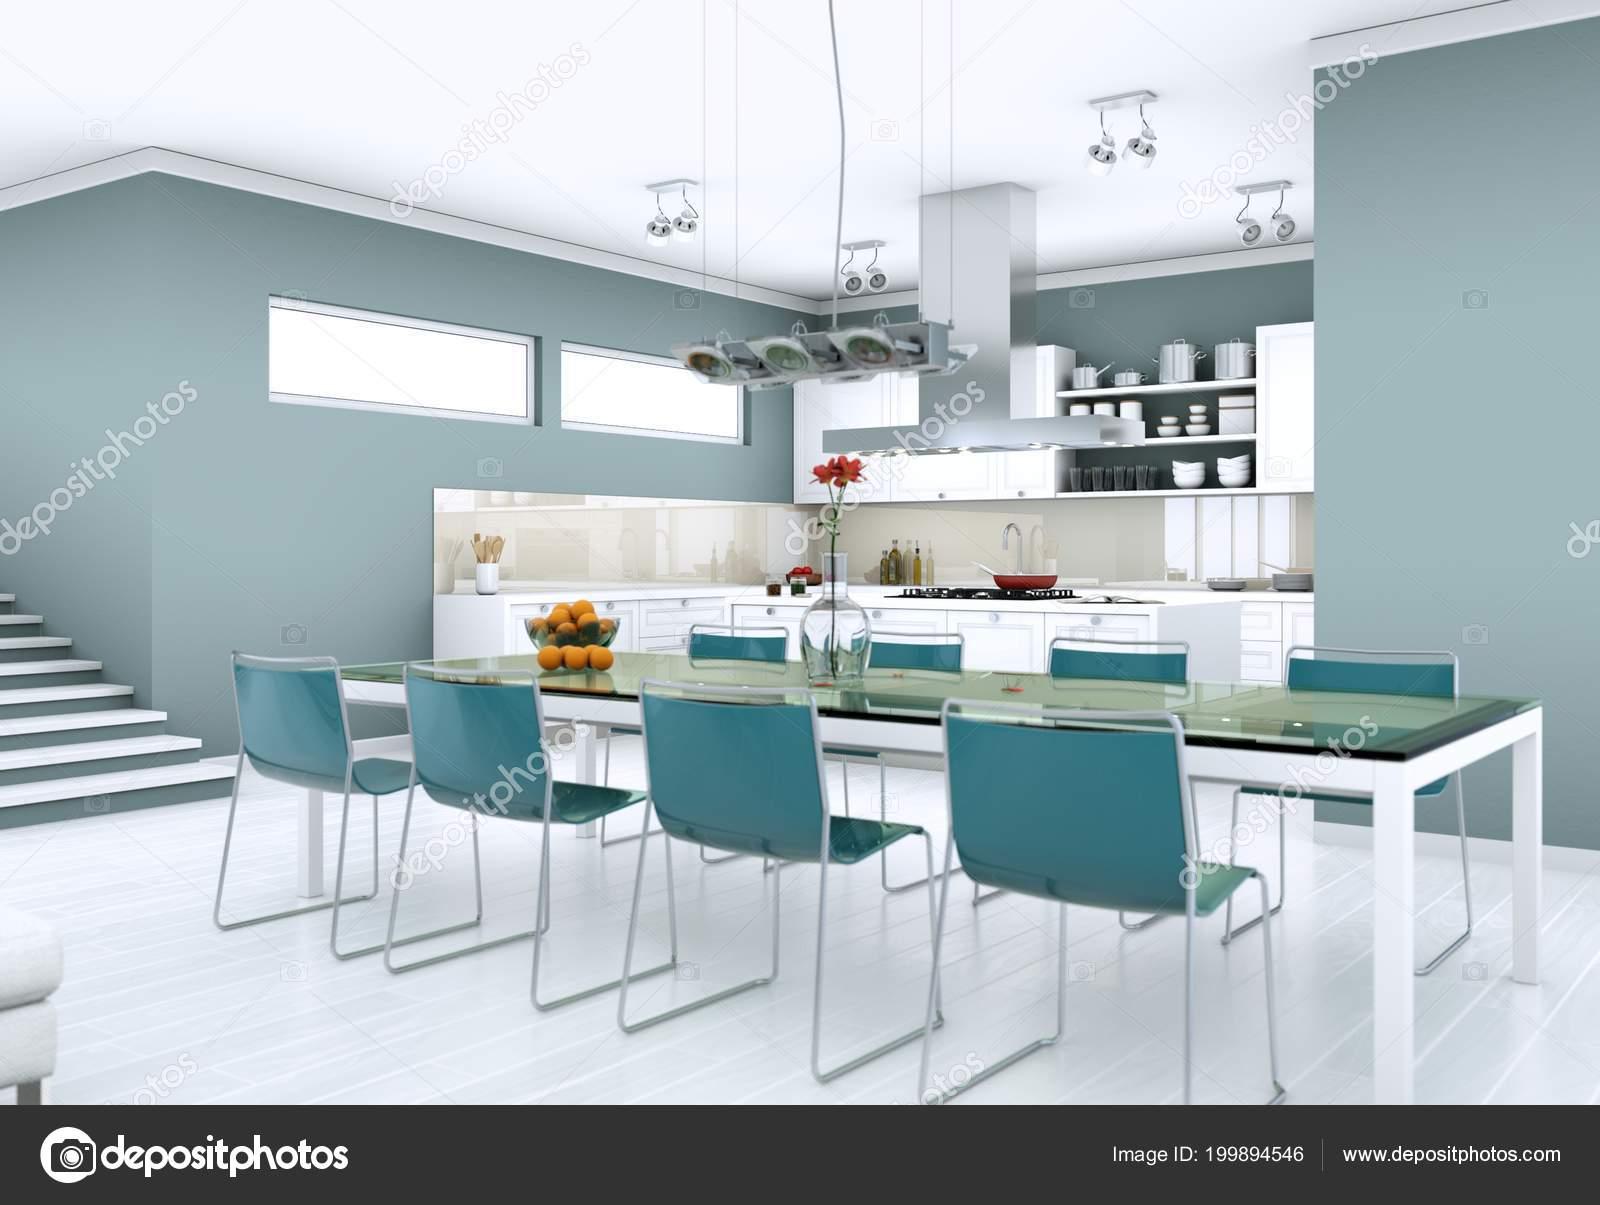 Dise o de interiores sala comedor en apartamento moderno for Diseno de interiores de apartamentos modernos